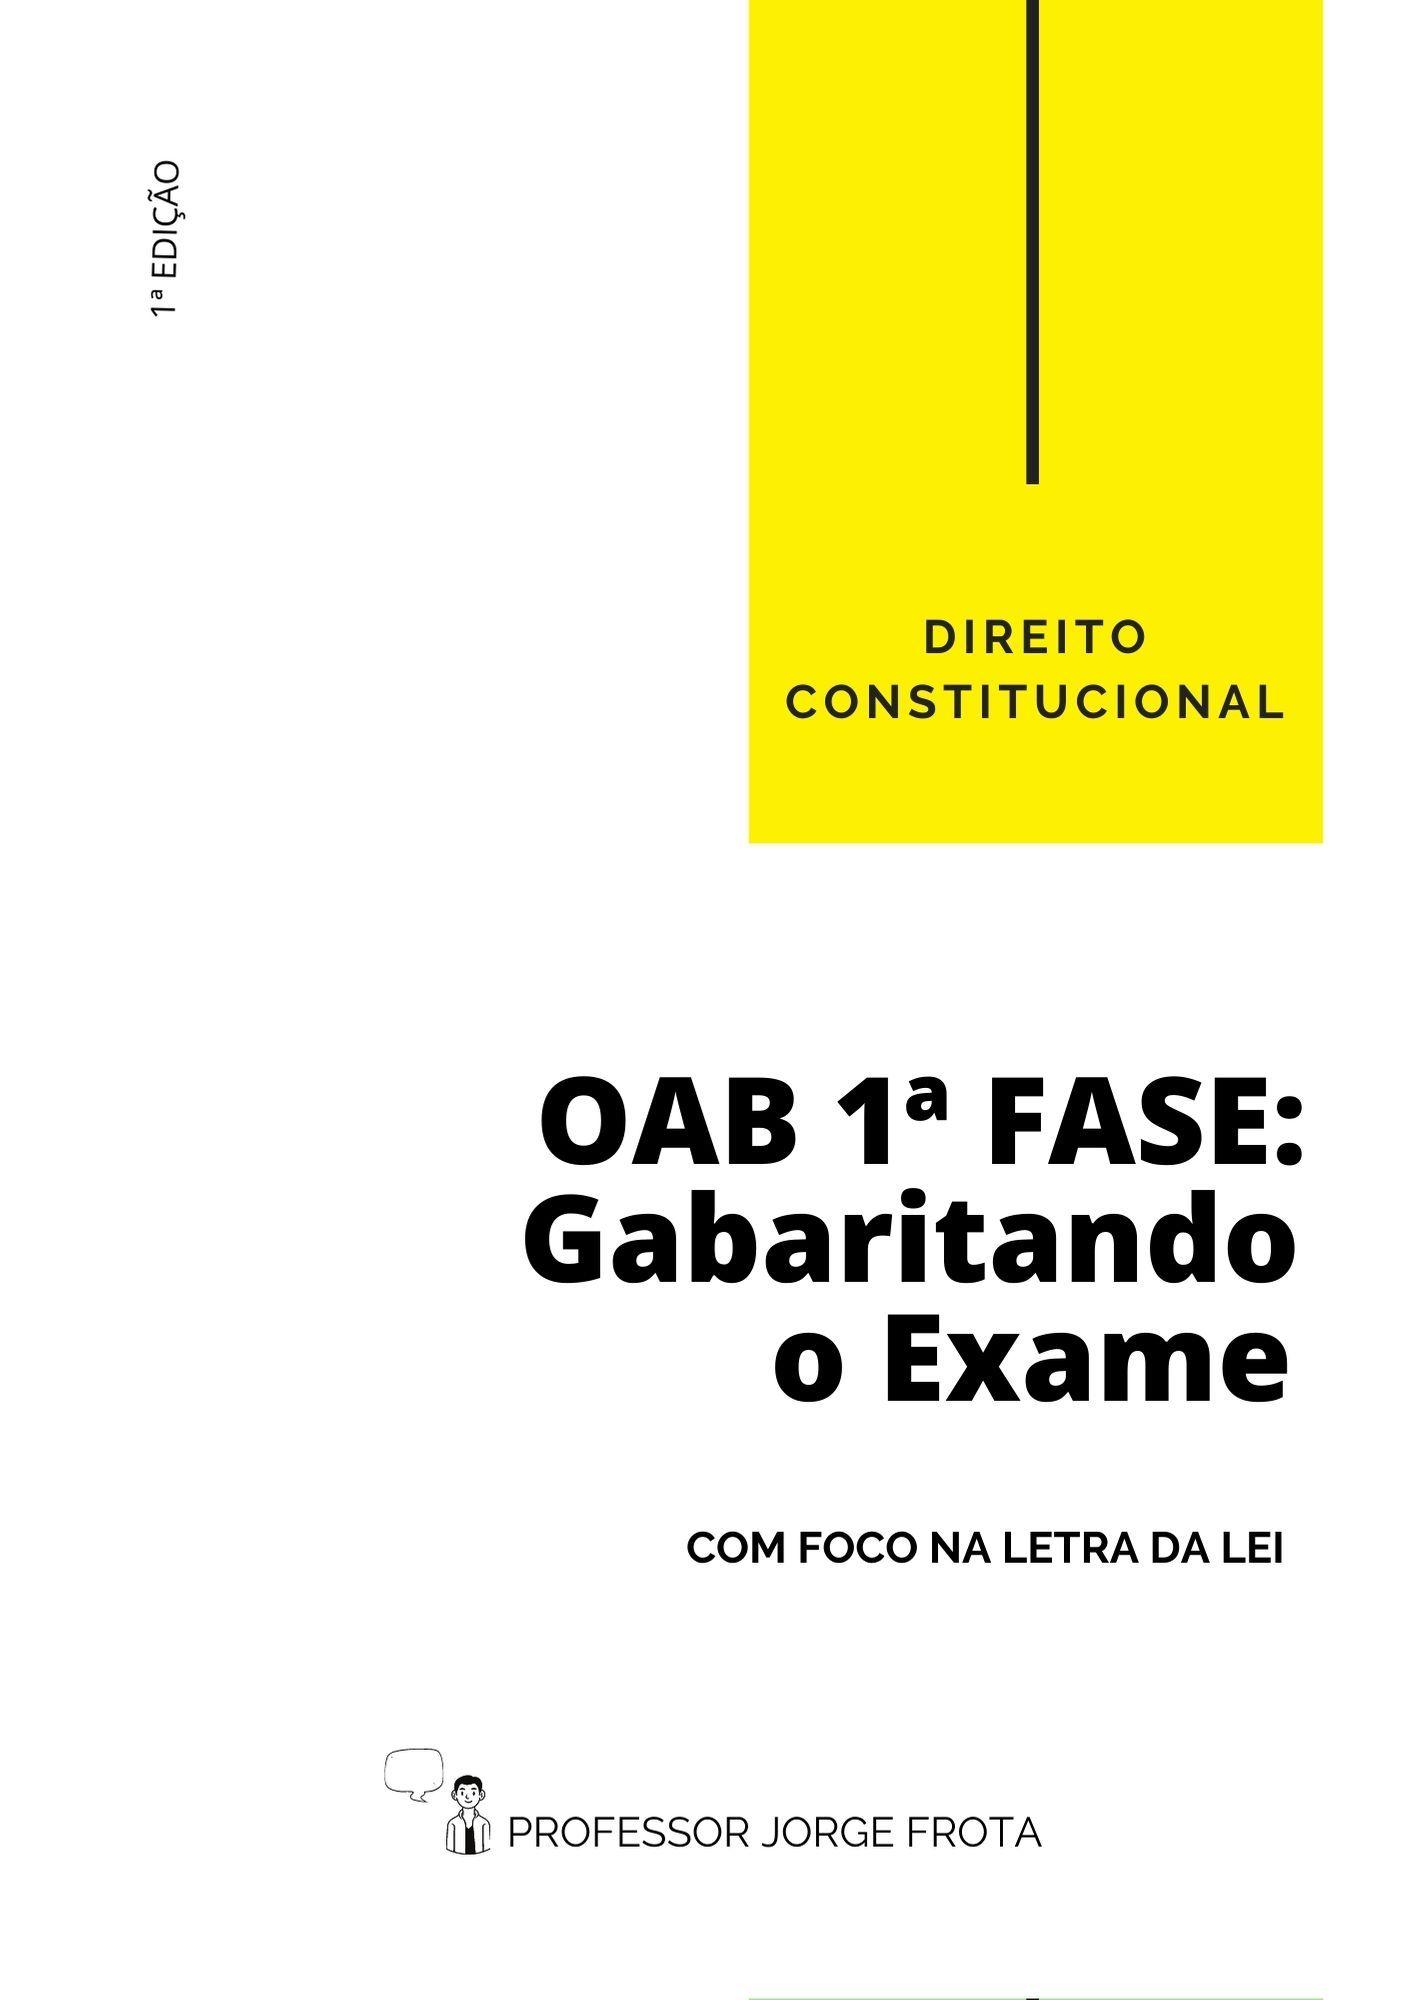 DIREITO CONSTITUCIONAL: OAB 1º FASE GABARITANDO O EXAME COM FOCO NA LETRA DA LEI